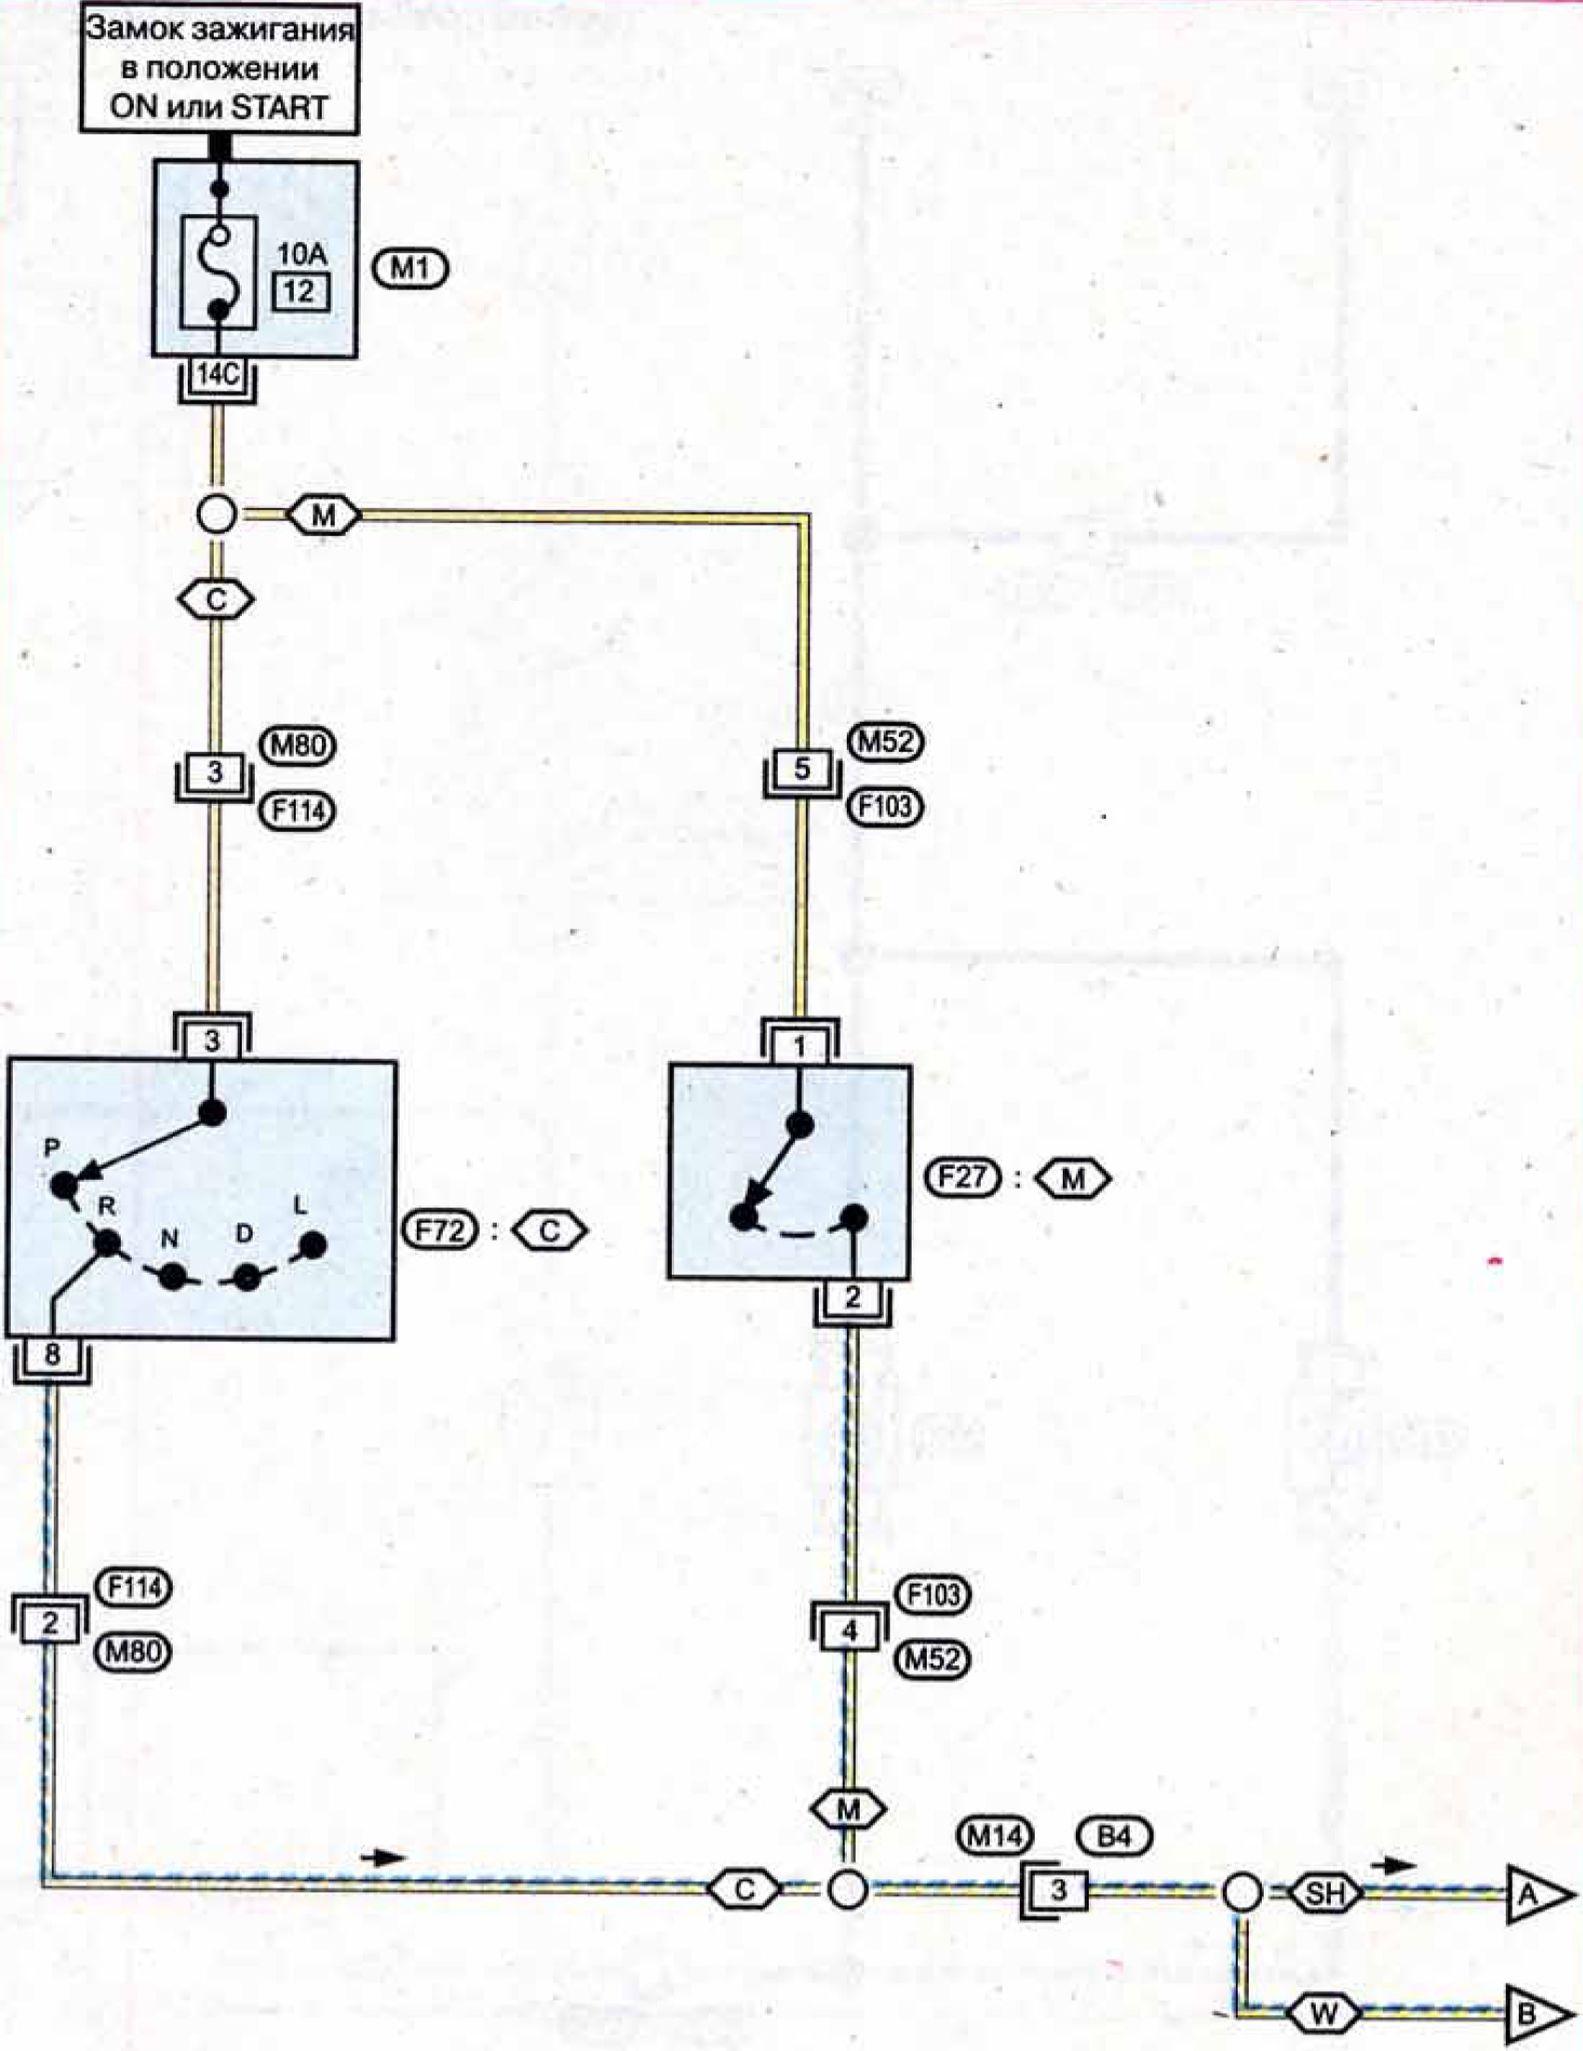 Ключ к схеме 11 М1 блок предохранителей F72 датчик нейтральной передачи Р27 датчик-выключатель огней заднего хода Т13...